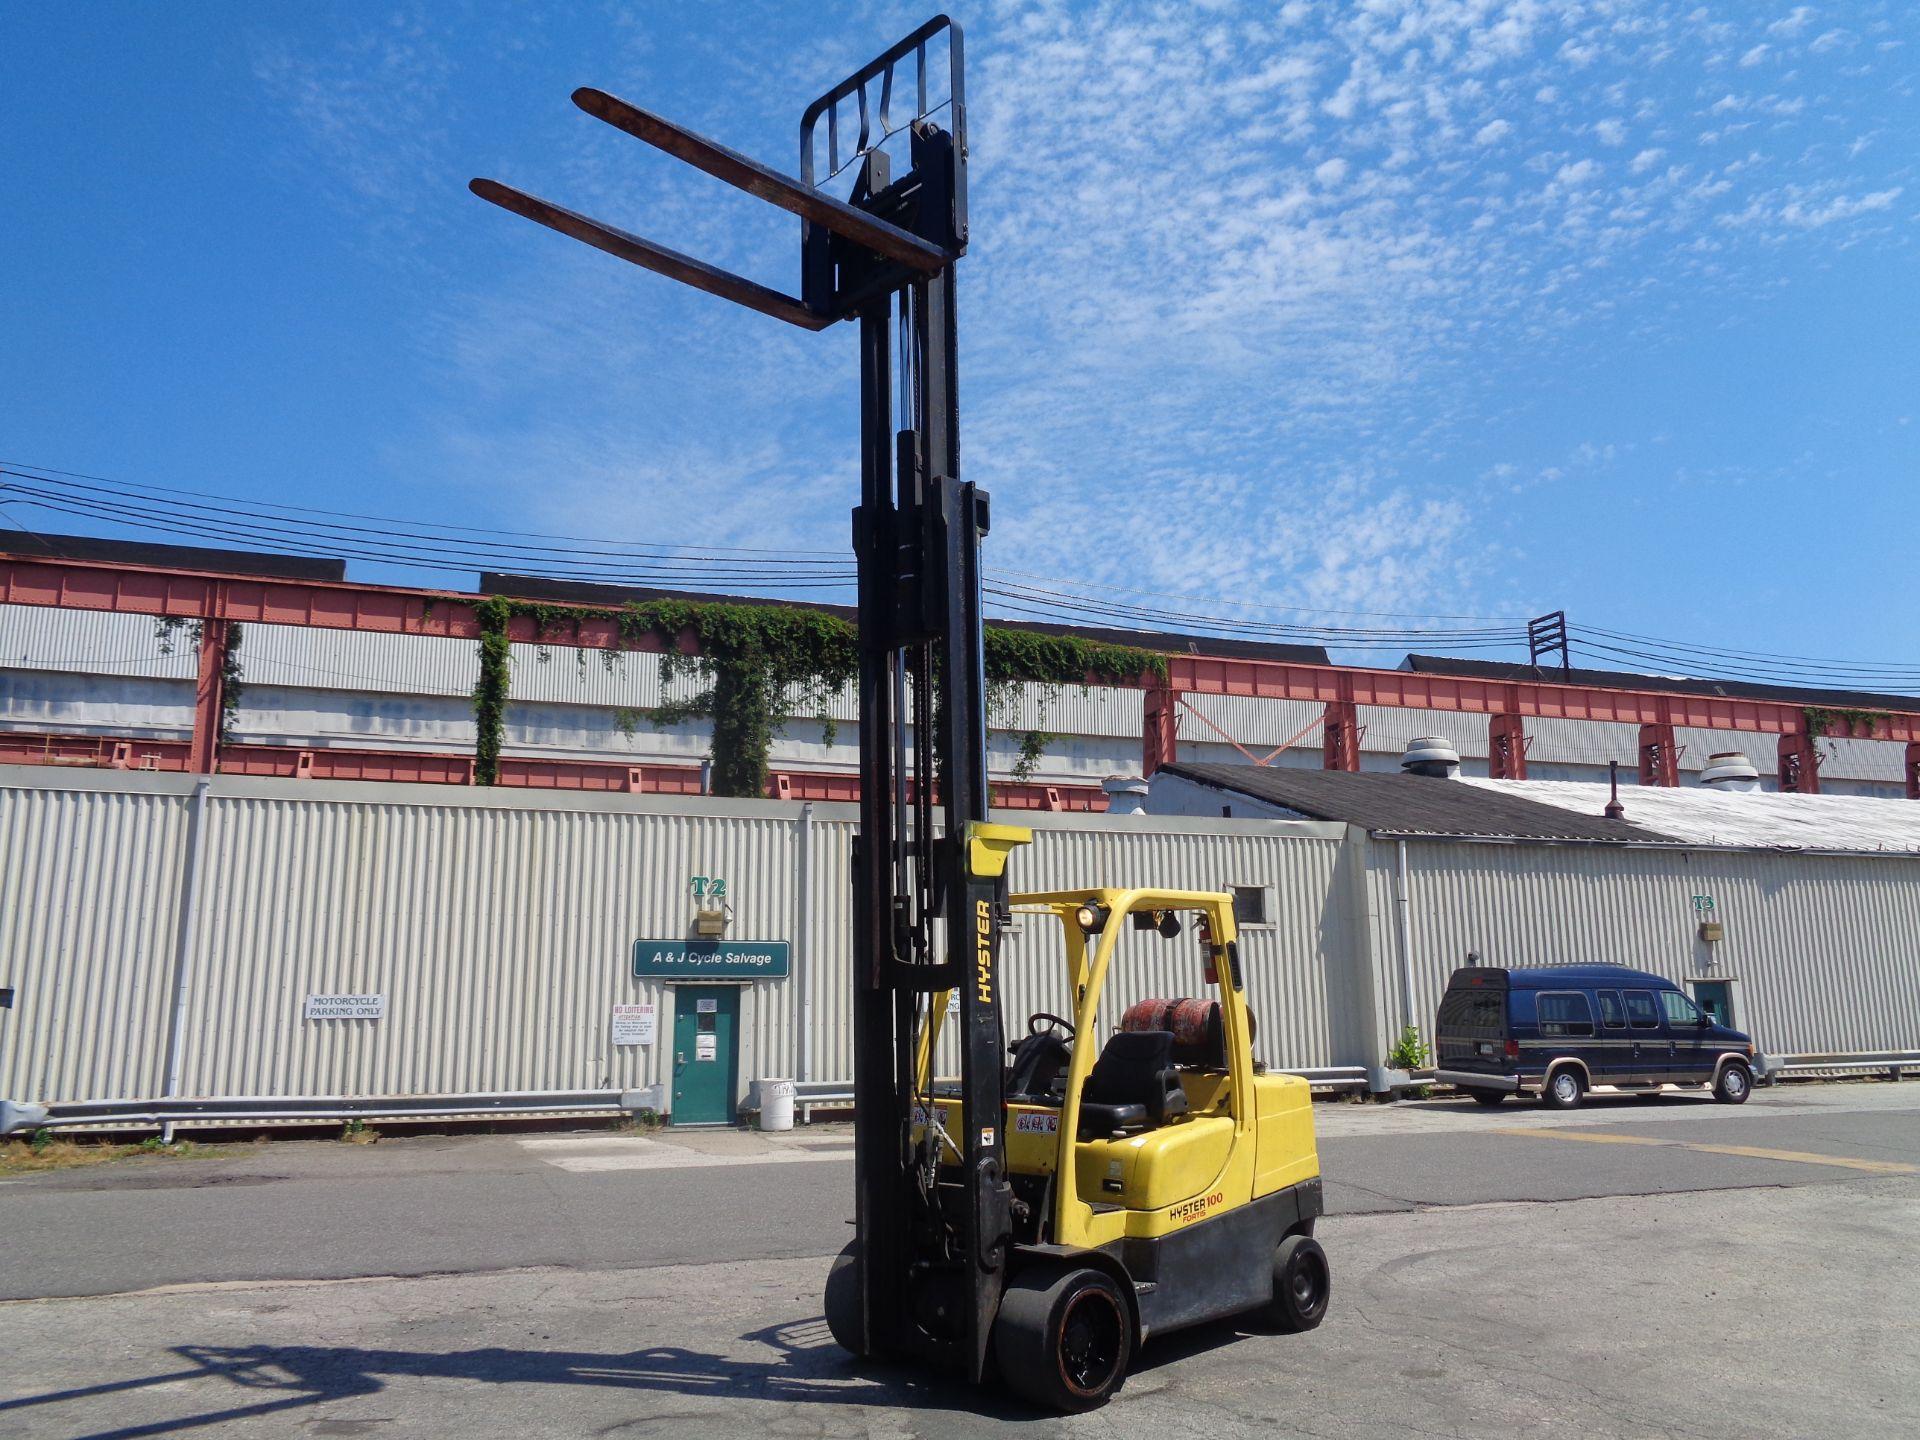 Hyster S100FT 10,000lb Forklift - Image 17 of 19